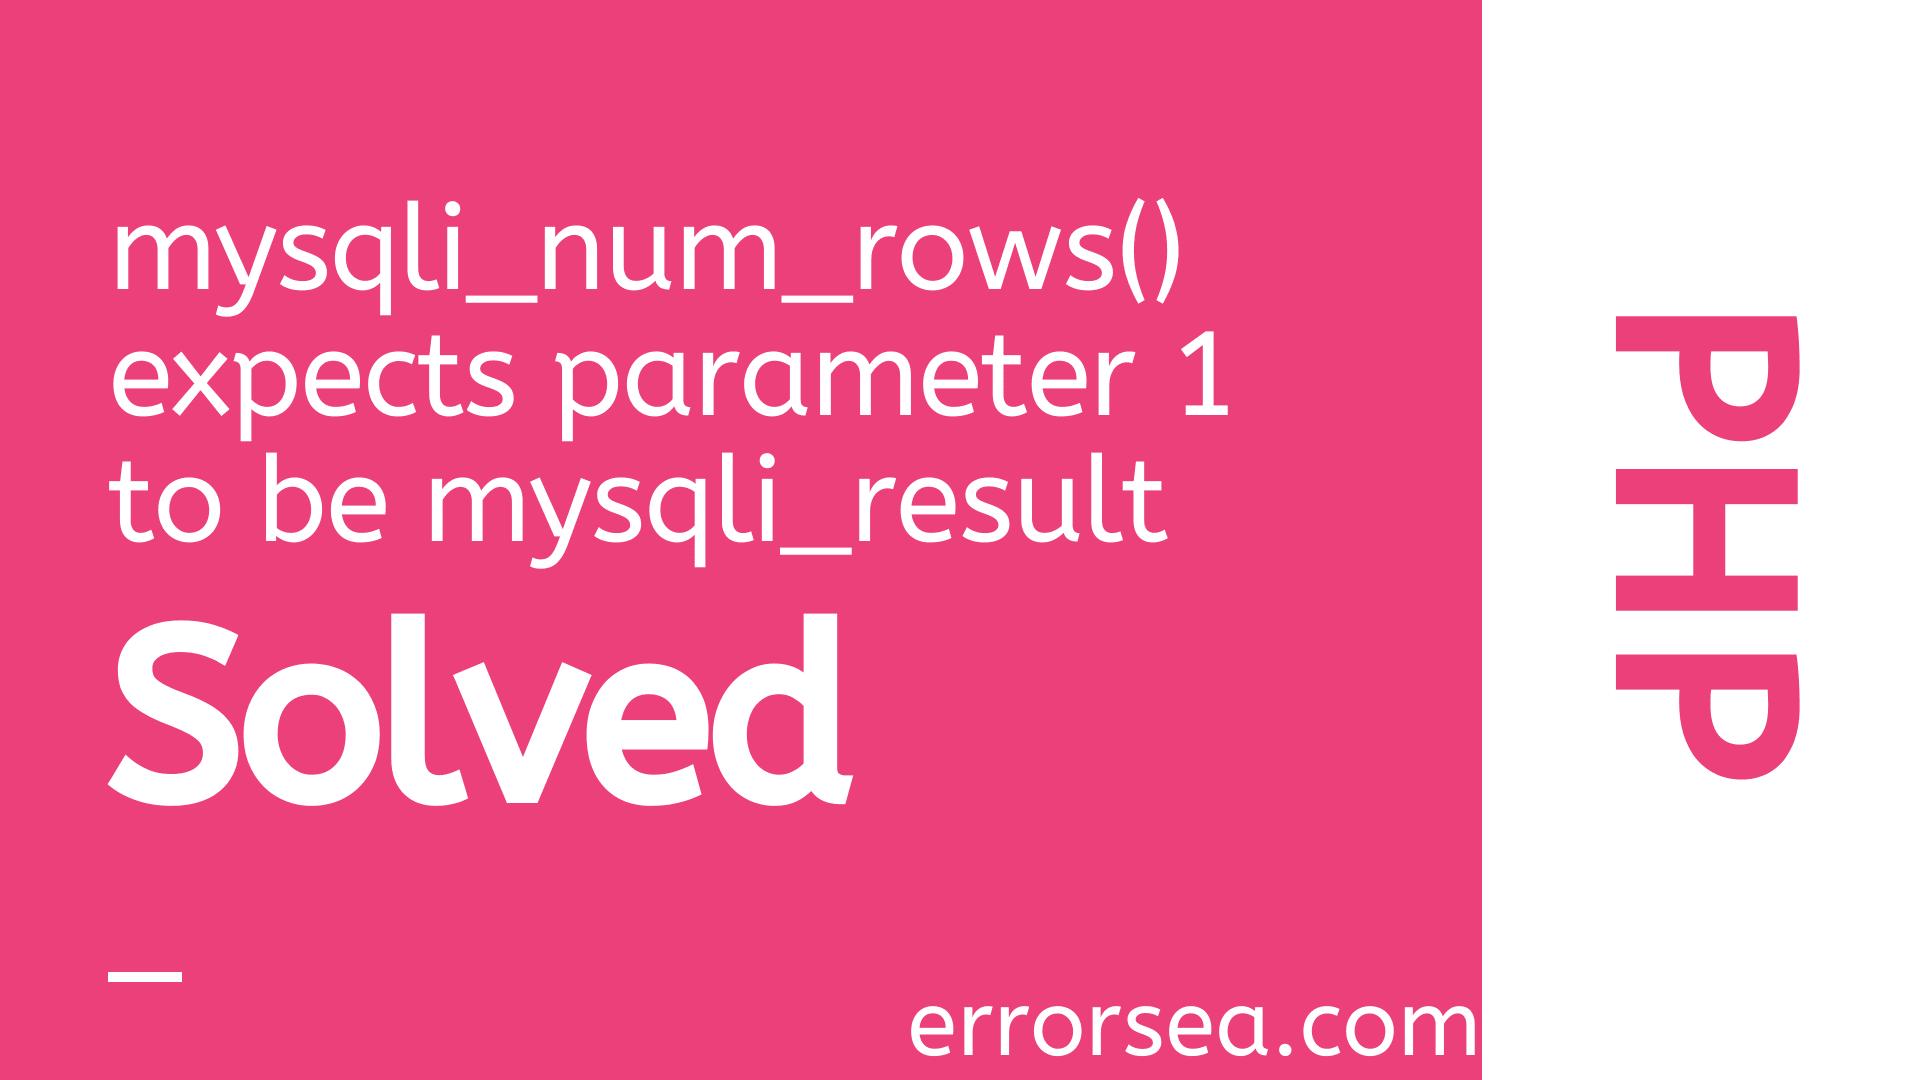 [SOLUTION] Warning: Mysqli_num_rows() Expects Parameter 1 to Be Mysqli_result